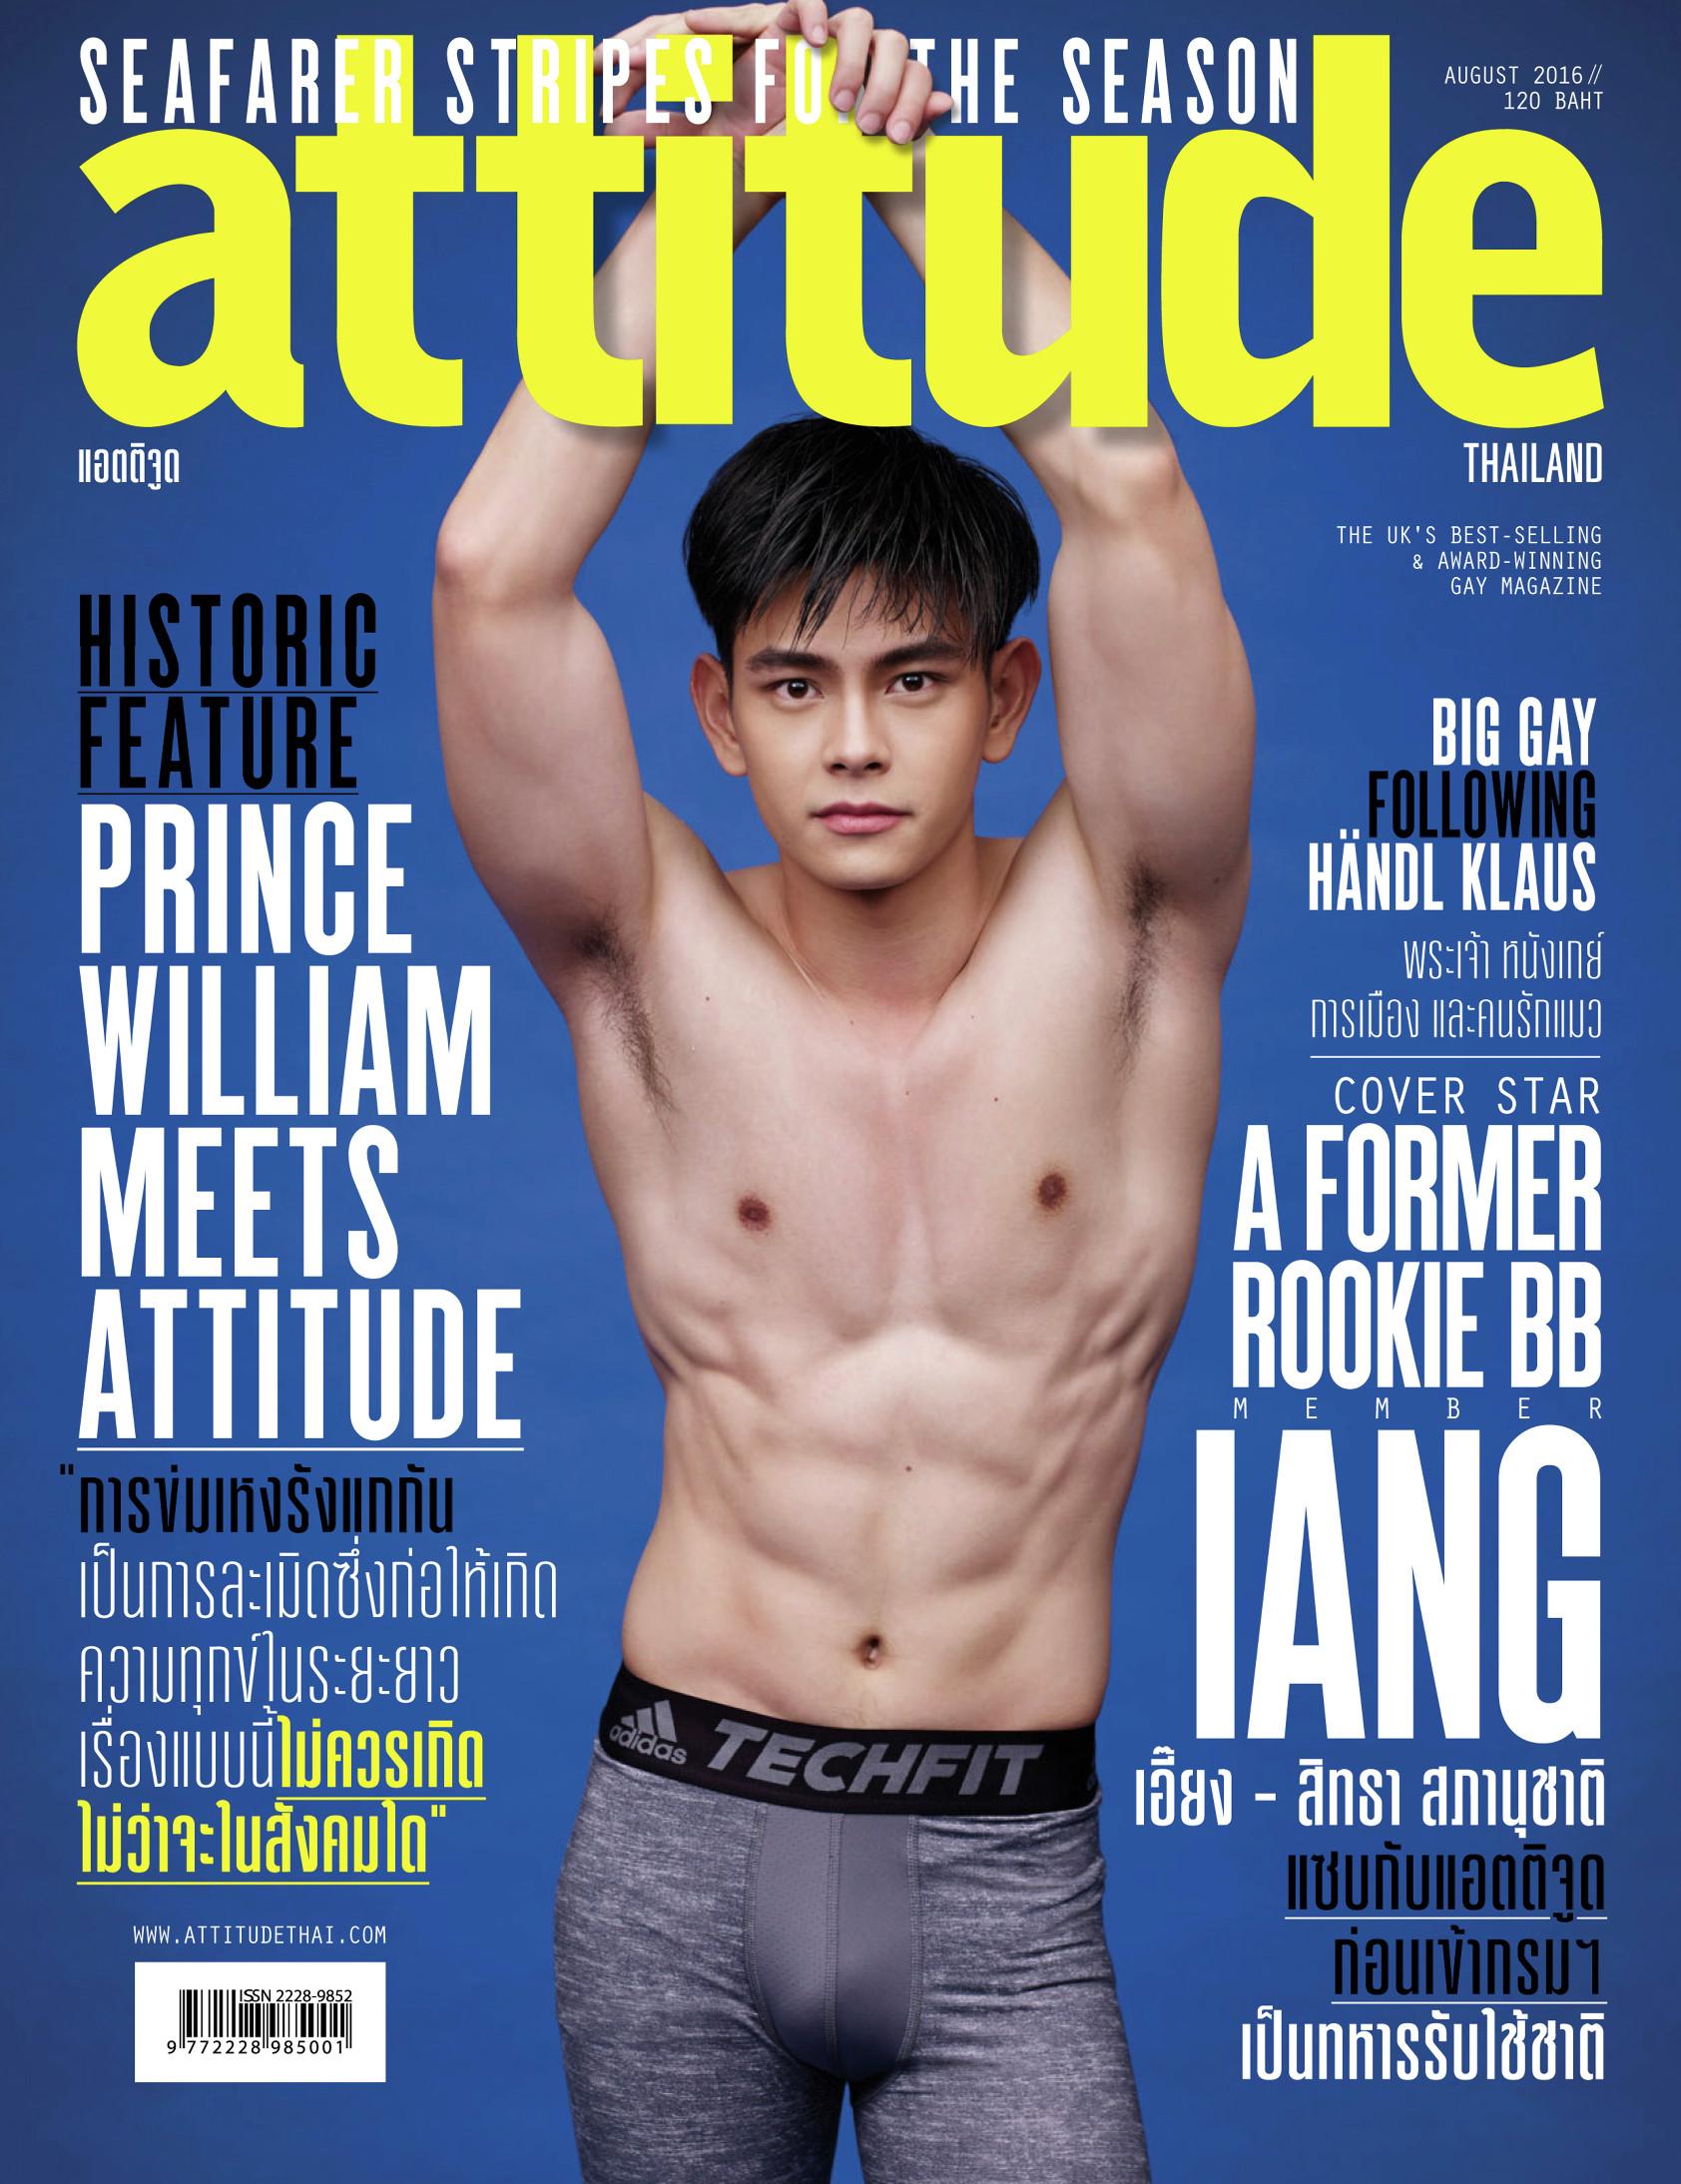 เอี๊ยง สิทธา สภานุชาติ นิตยสาร Aattitude